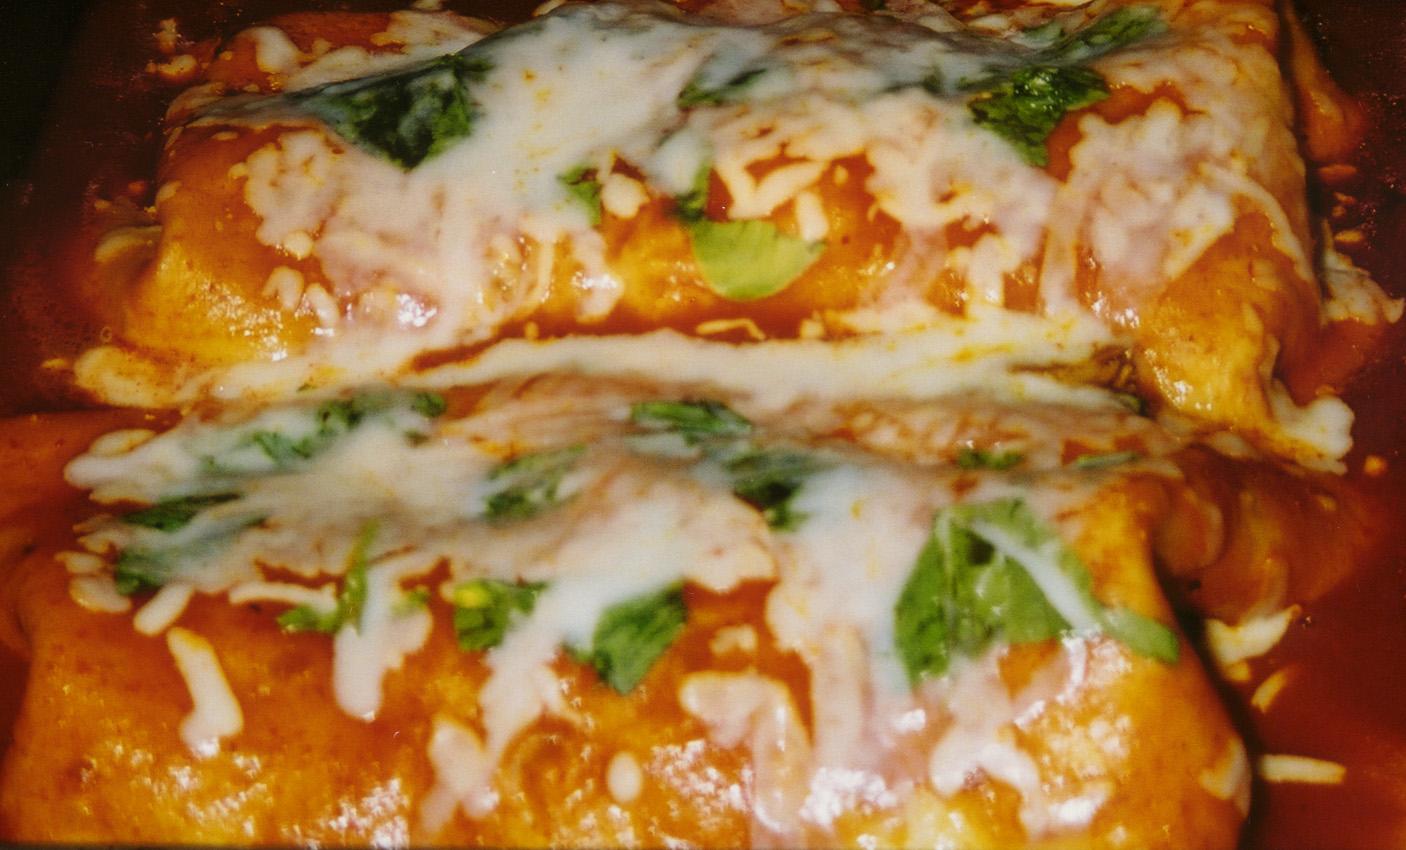 Chicken Enchiladas The Scheherazade Chronicles